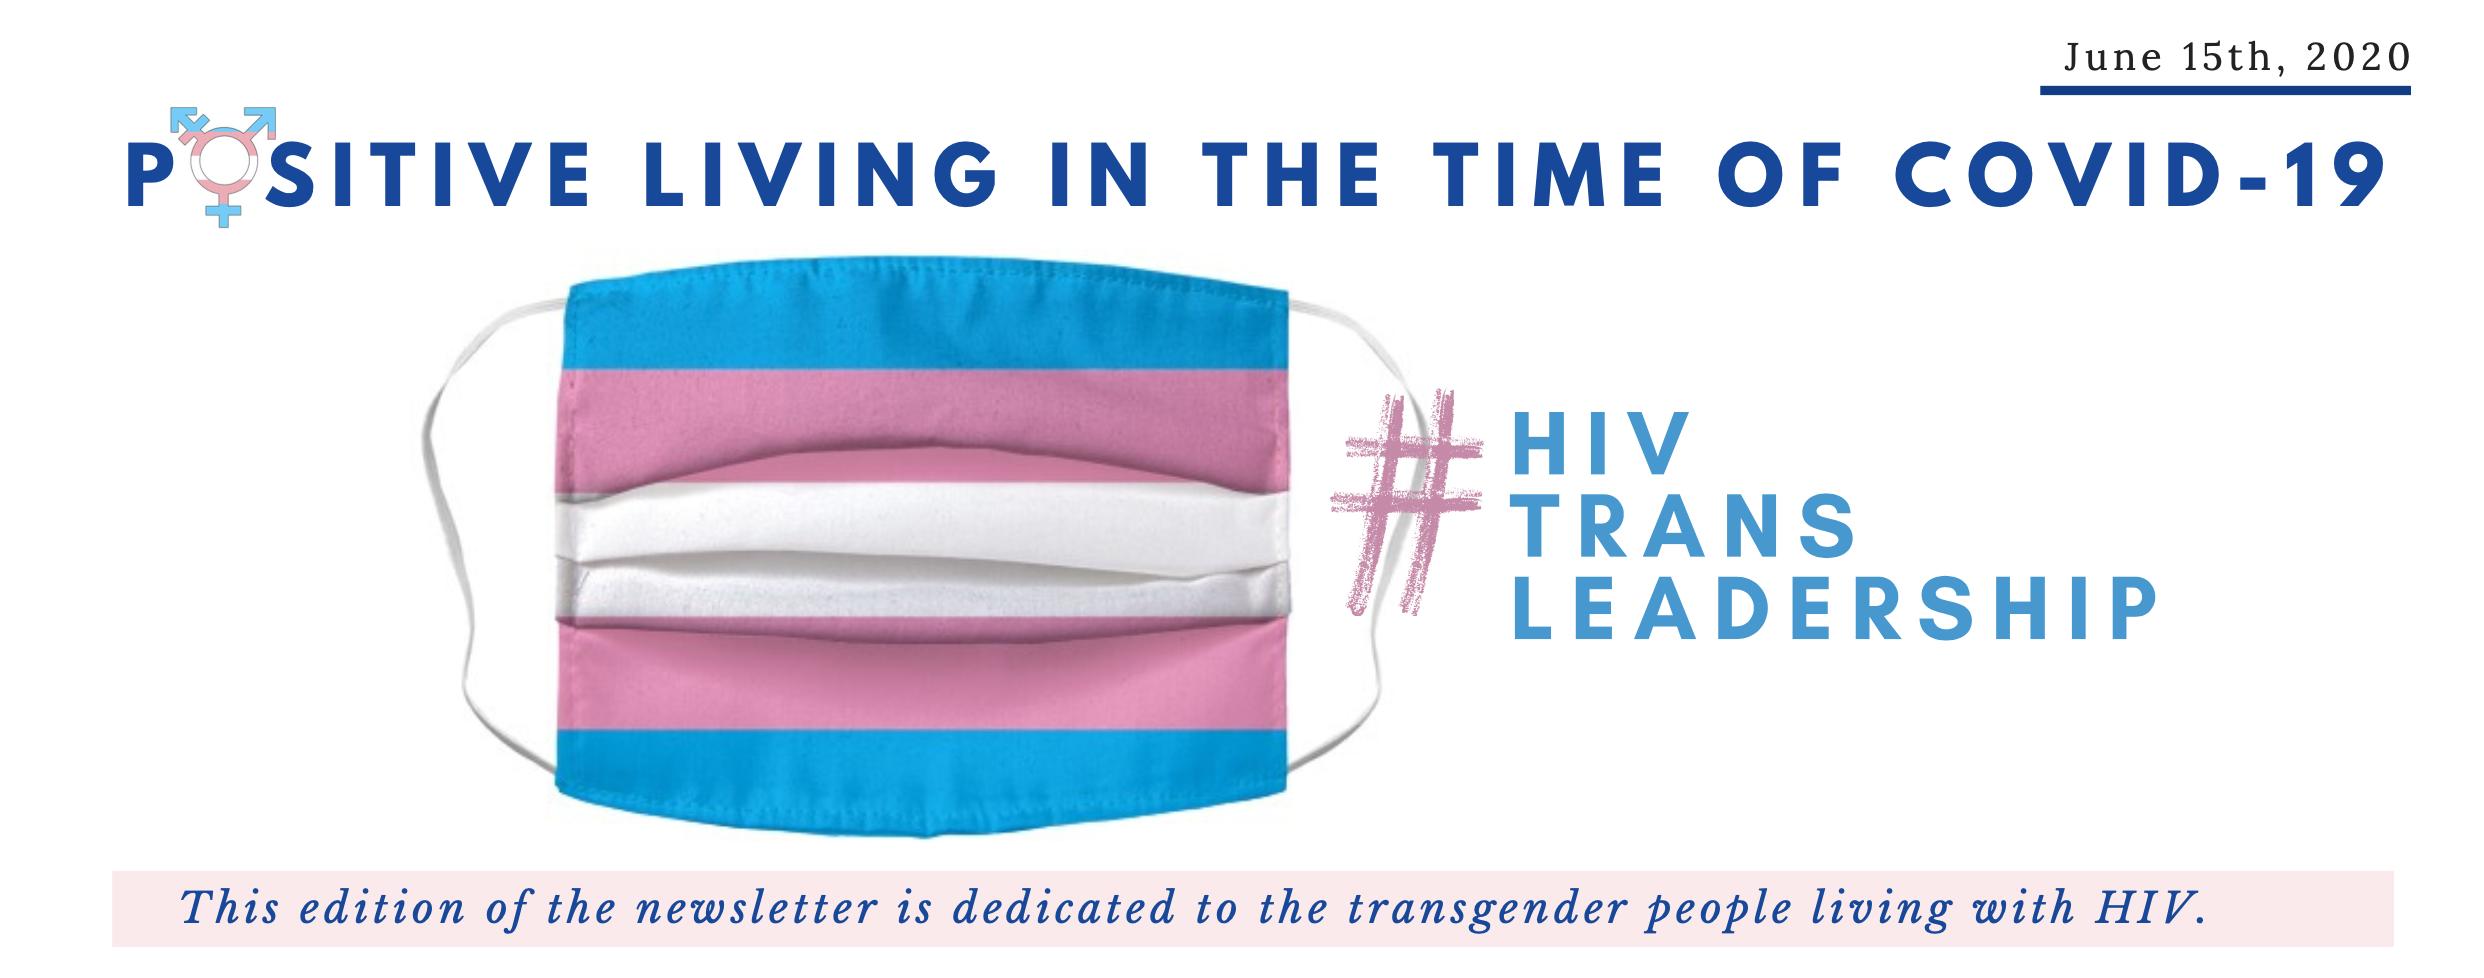 Transgender newletter image